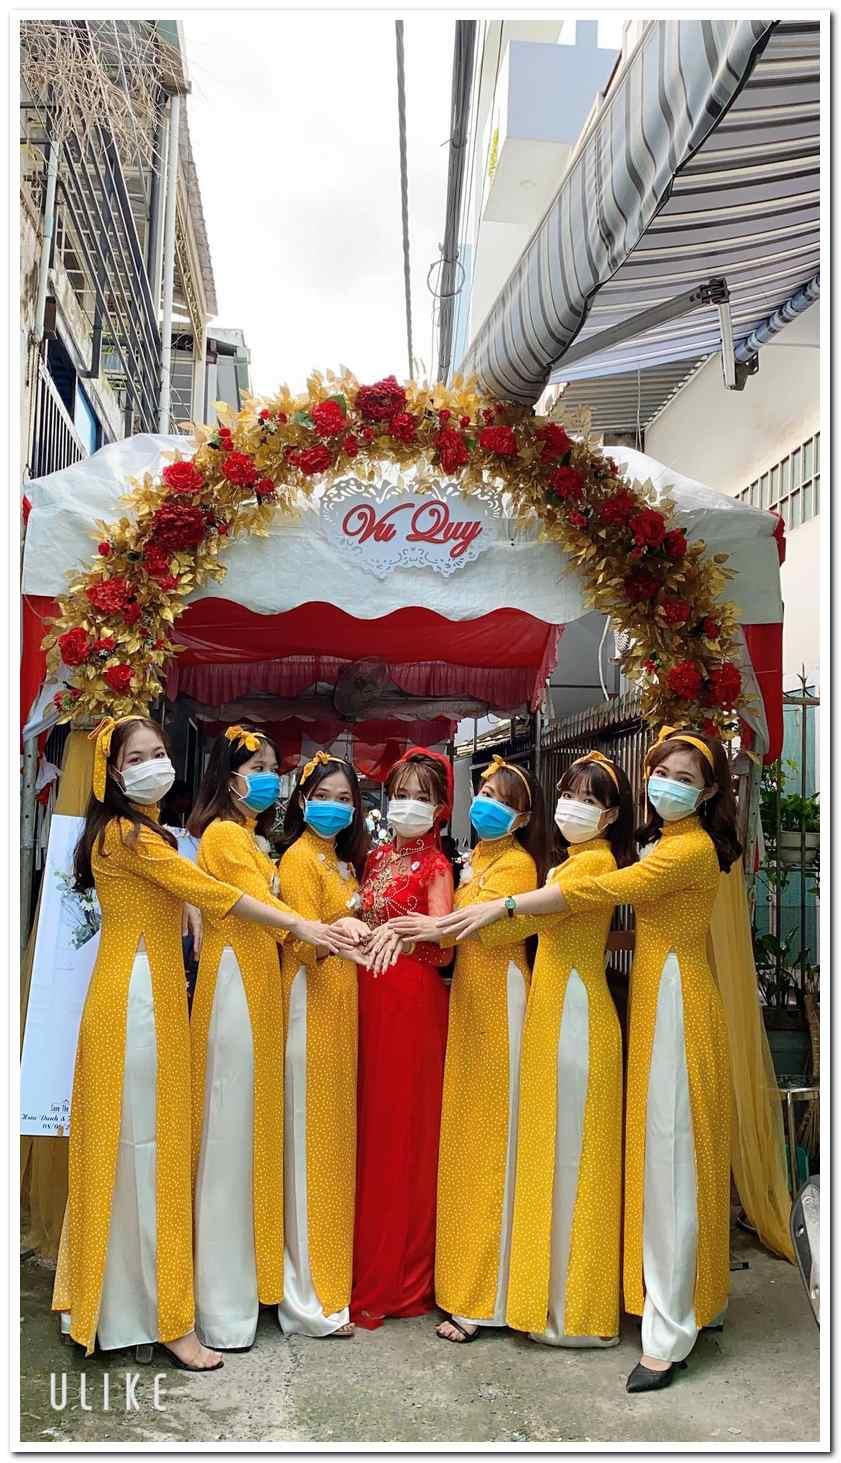 Áo dài bưng quả màu vàng kết hợp rất hợp tông với áo dài cô dâu màu đỏ